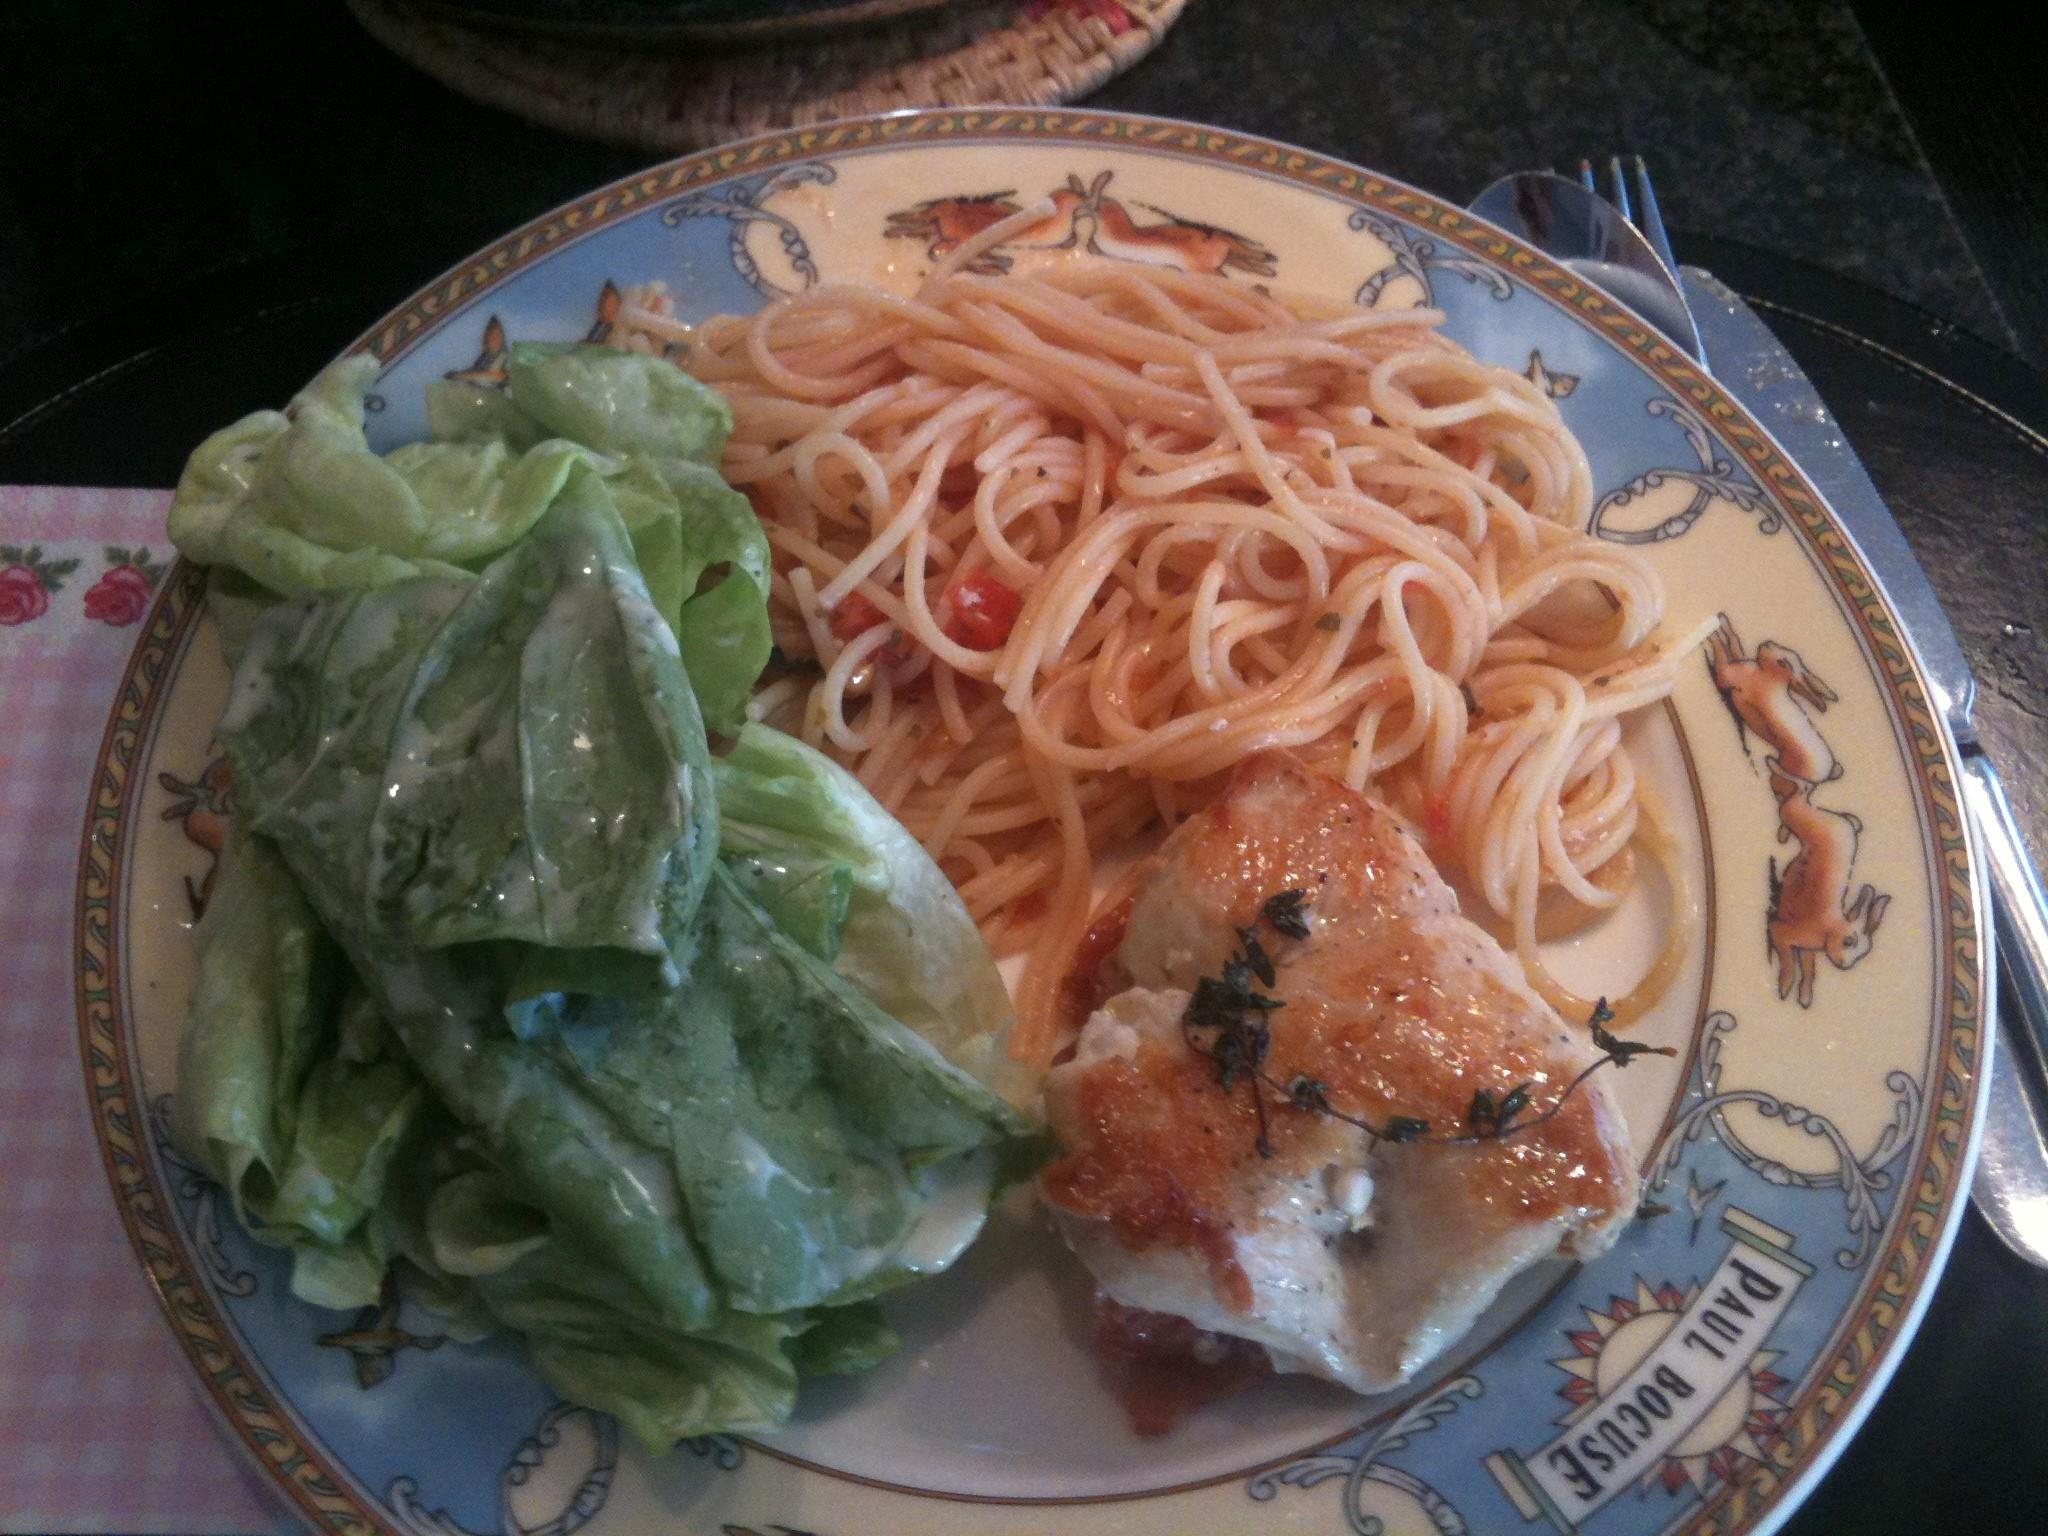 http://foodloader.net/nico_2012-04-29_putenschnitzel-mit-spaghetti-und-salat.jpg